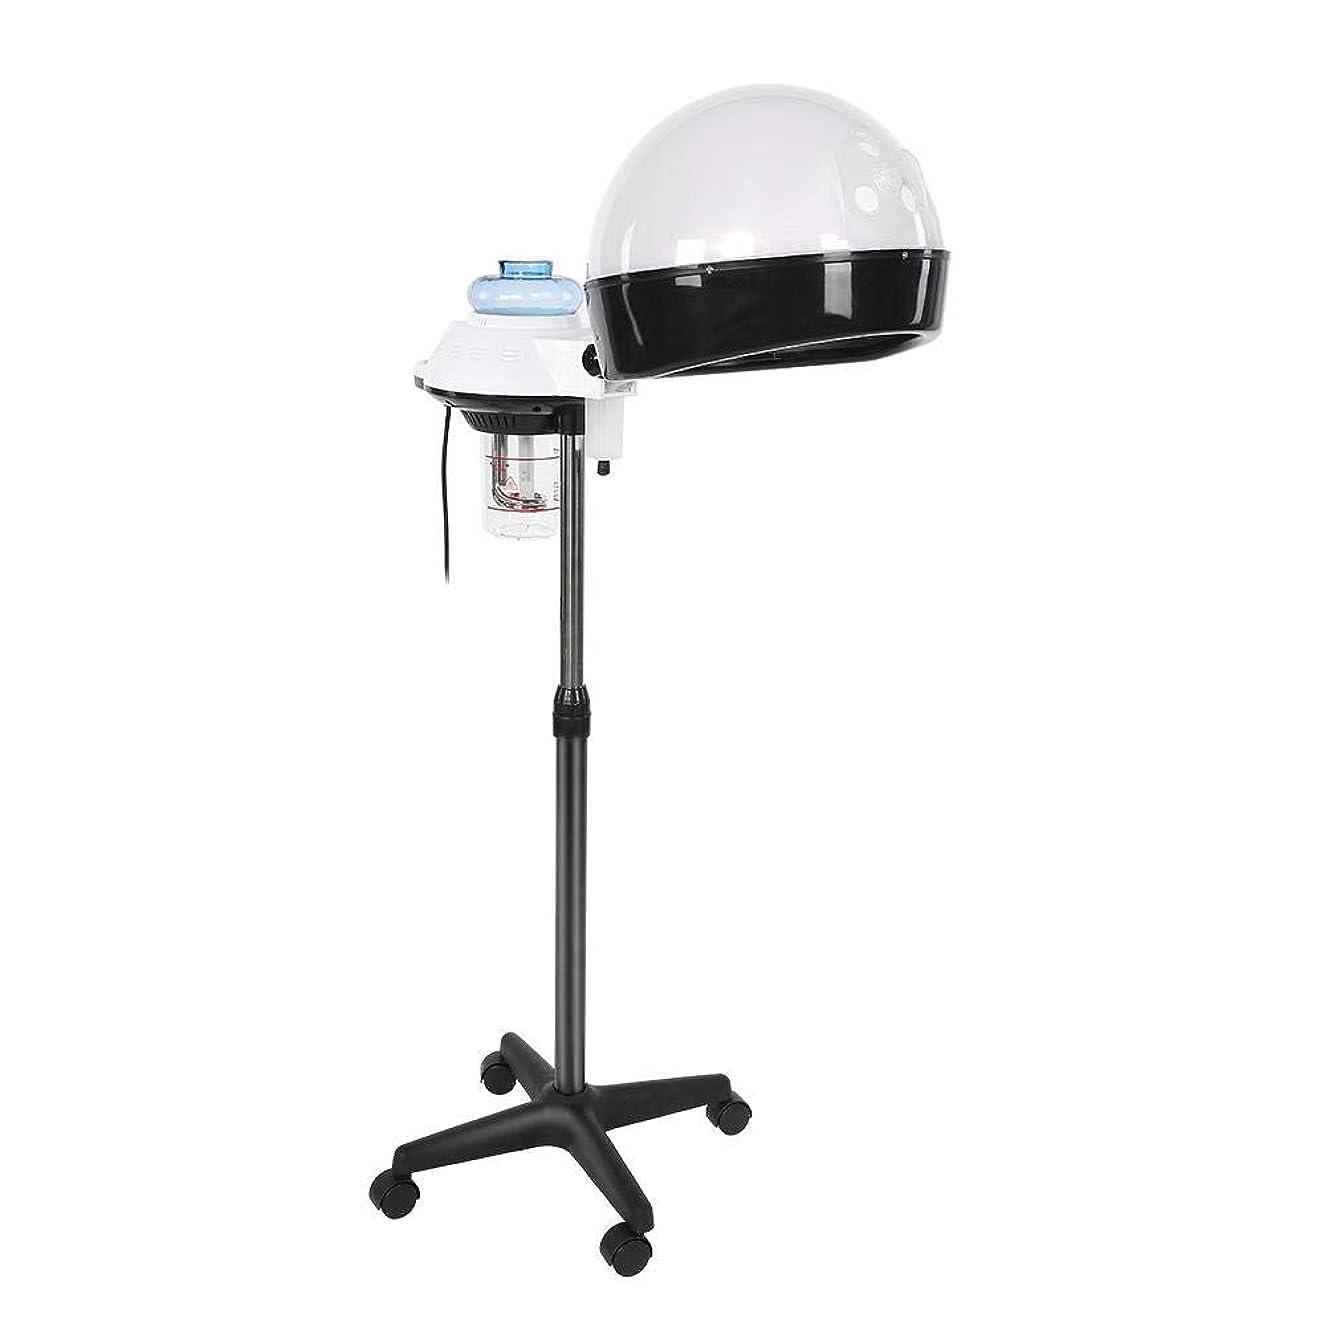 パンツピンクそれらヘア 加湿器 パーソナルケア用のデザイン ホットミストオゾンヘアセラピー美容機器 個人用家庭用 (US)